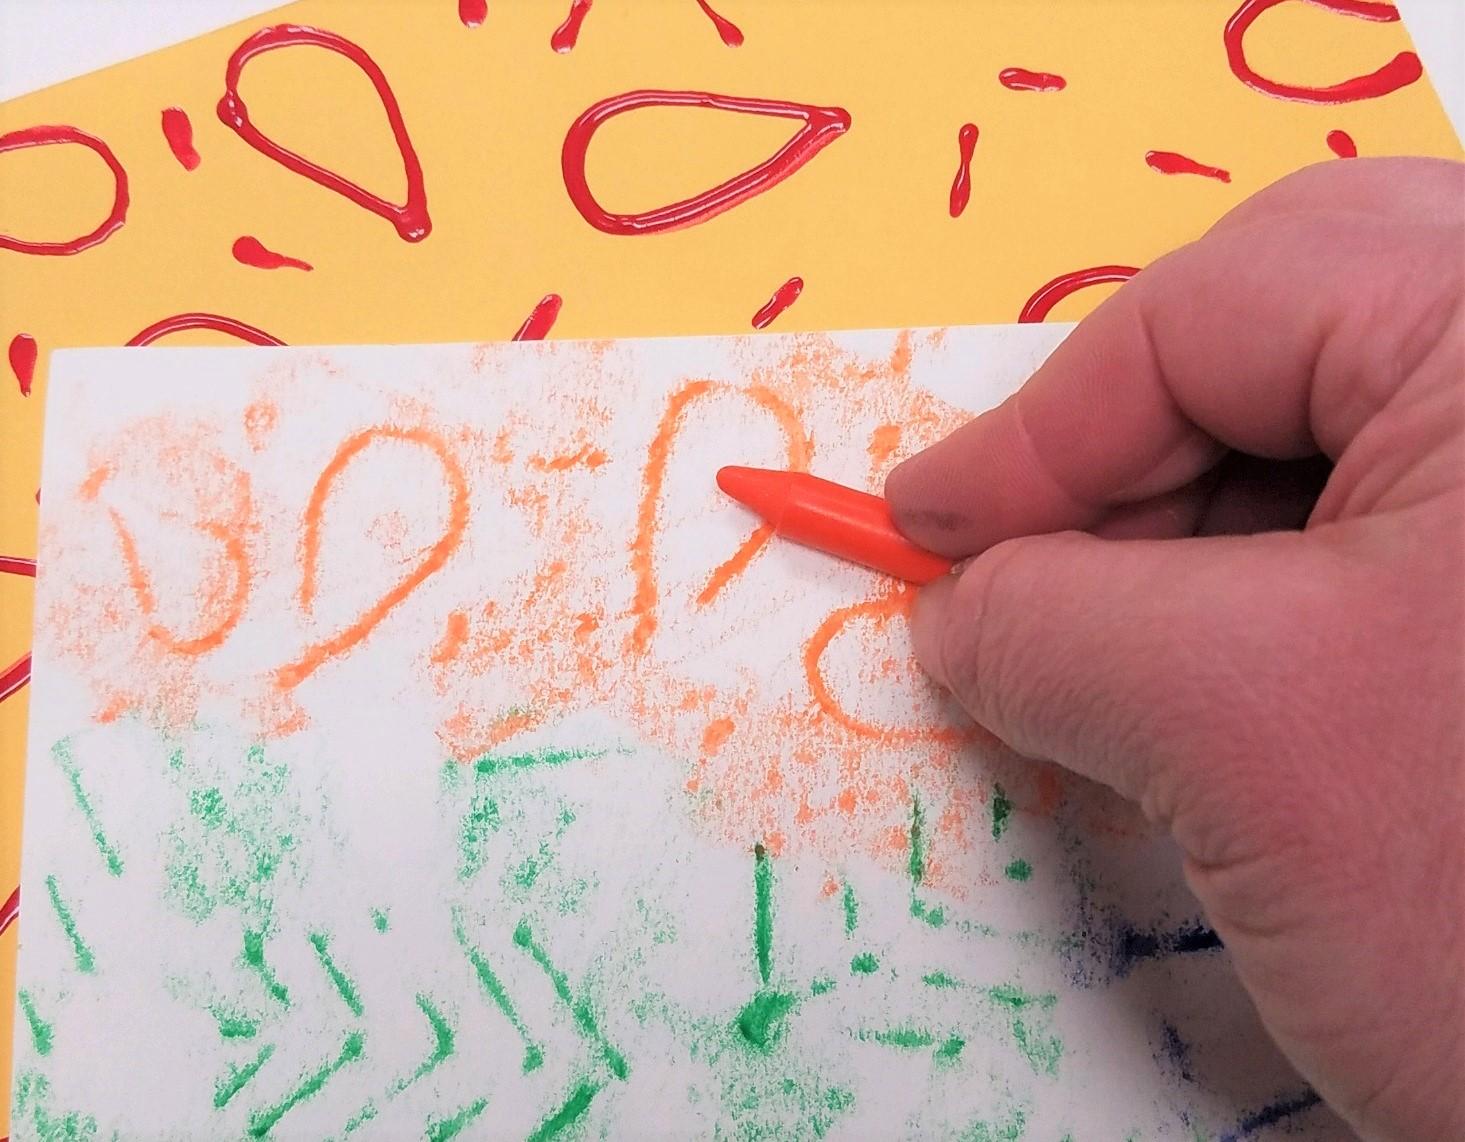 Abstract Crayon Resist Rubbing Watercolor Activity